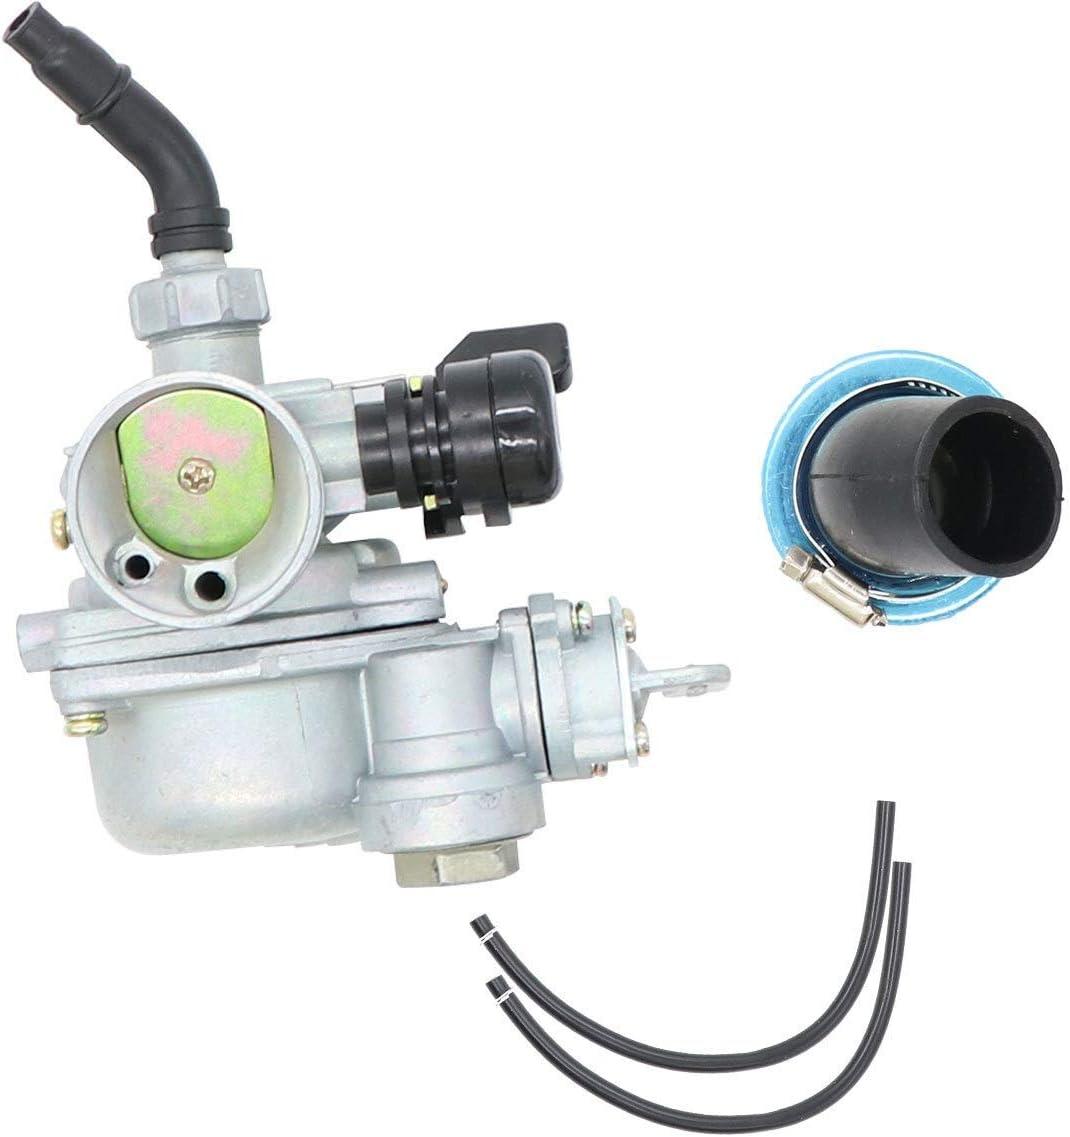 Carburador de motocicleta, adecuado para Honda ATV triciclo ATC70 ATC 70 1978-1985 con filtro de aire